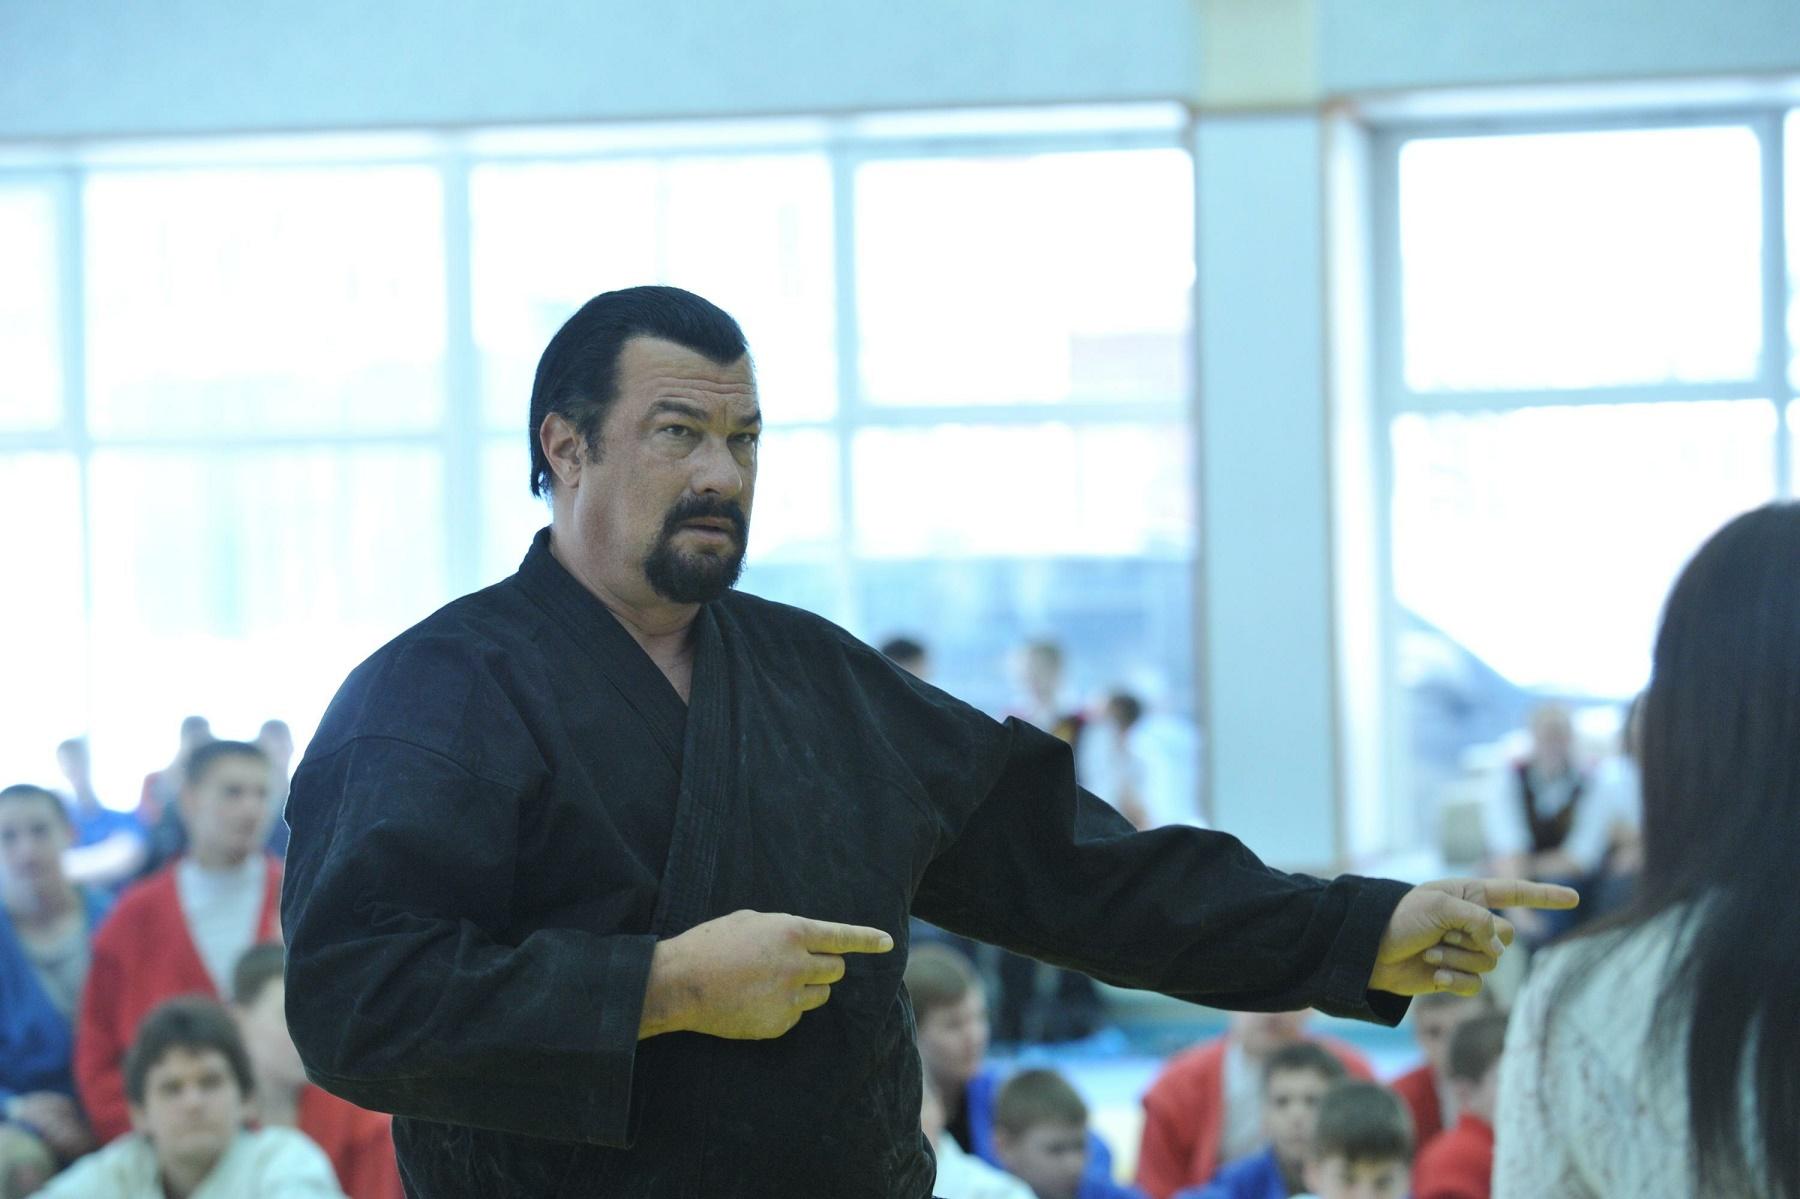 Граждане Курской области хотят заменить своего губернатора наСтивена Сигала